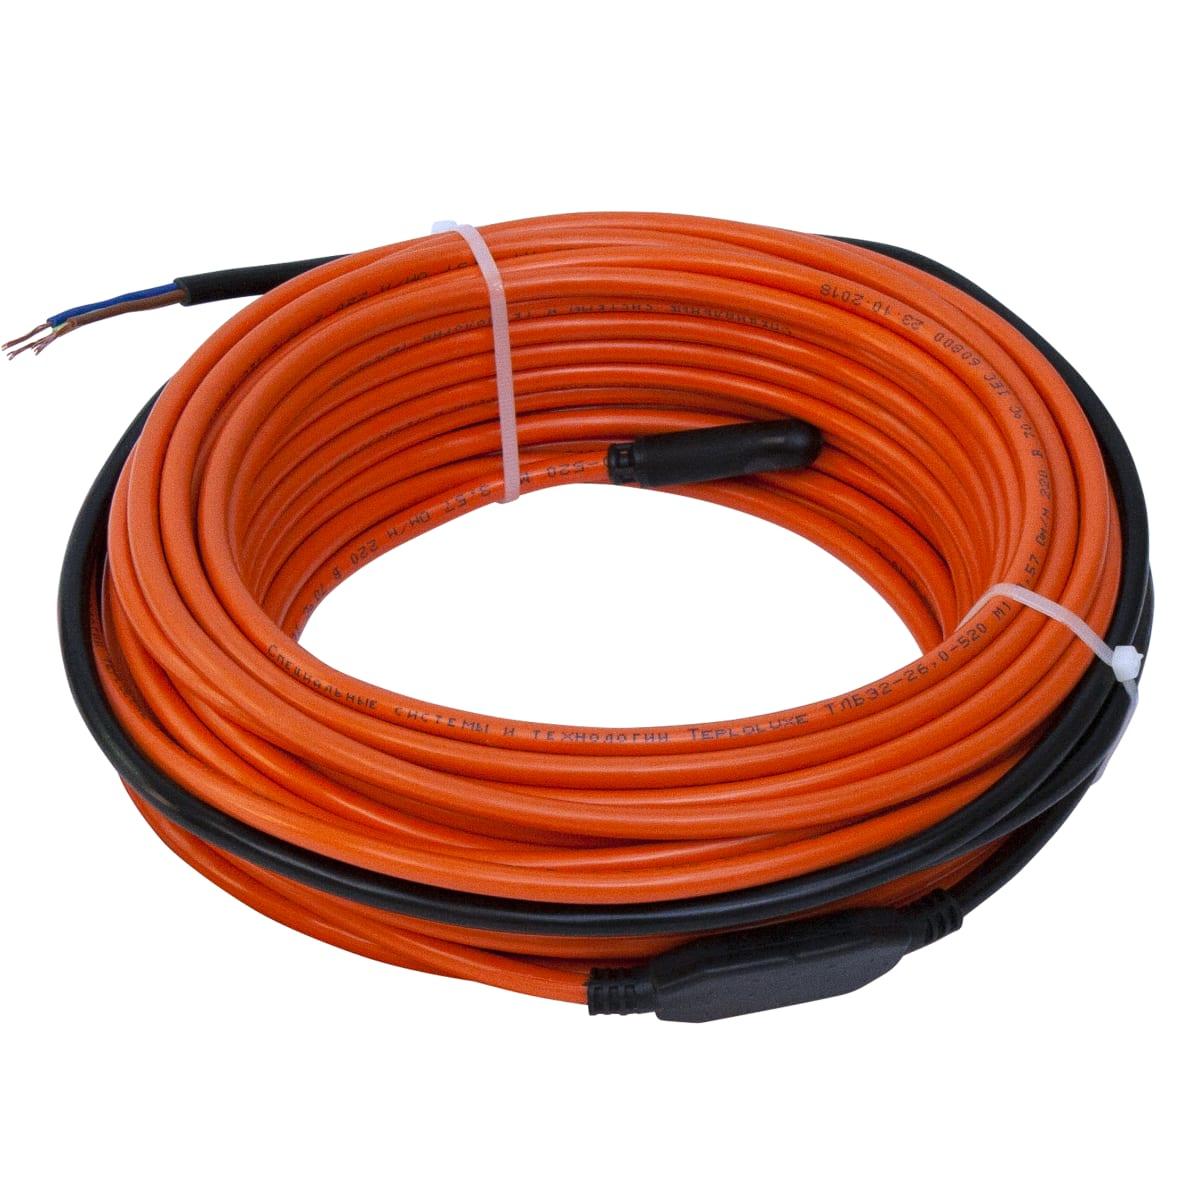 Нагревательный кабель для тёплого пола Теплолюкс 18 м, 270 Вт